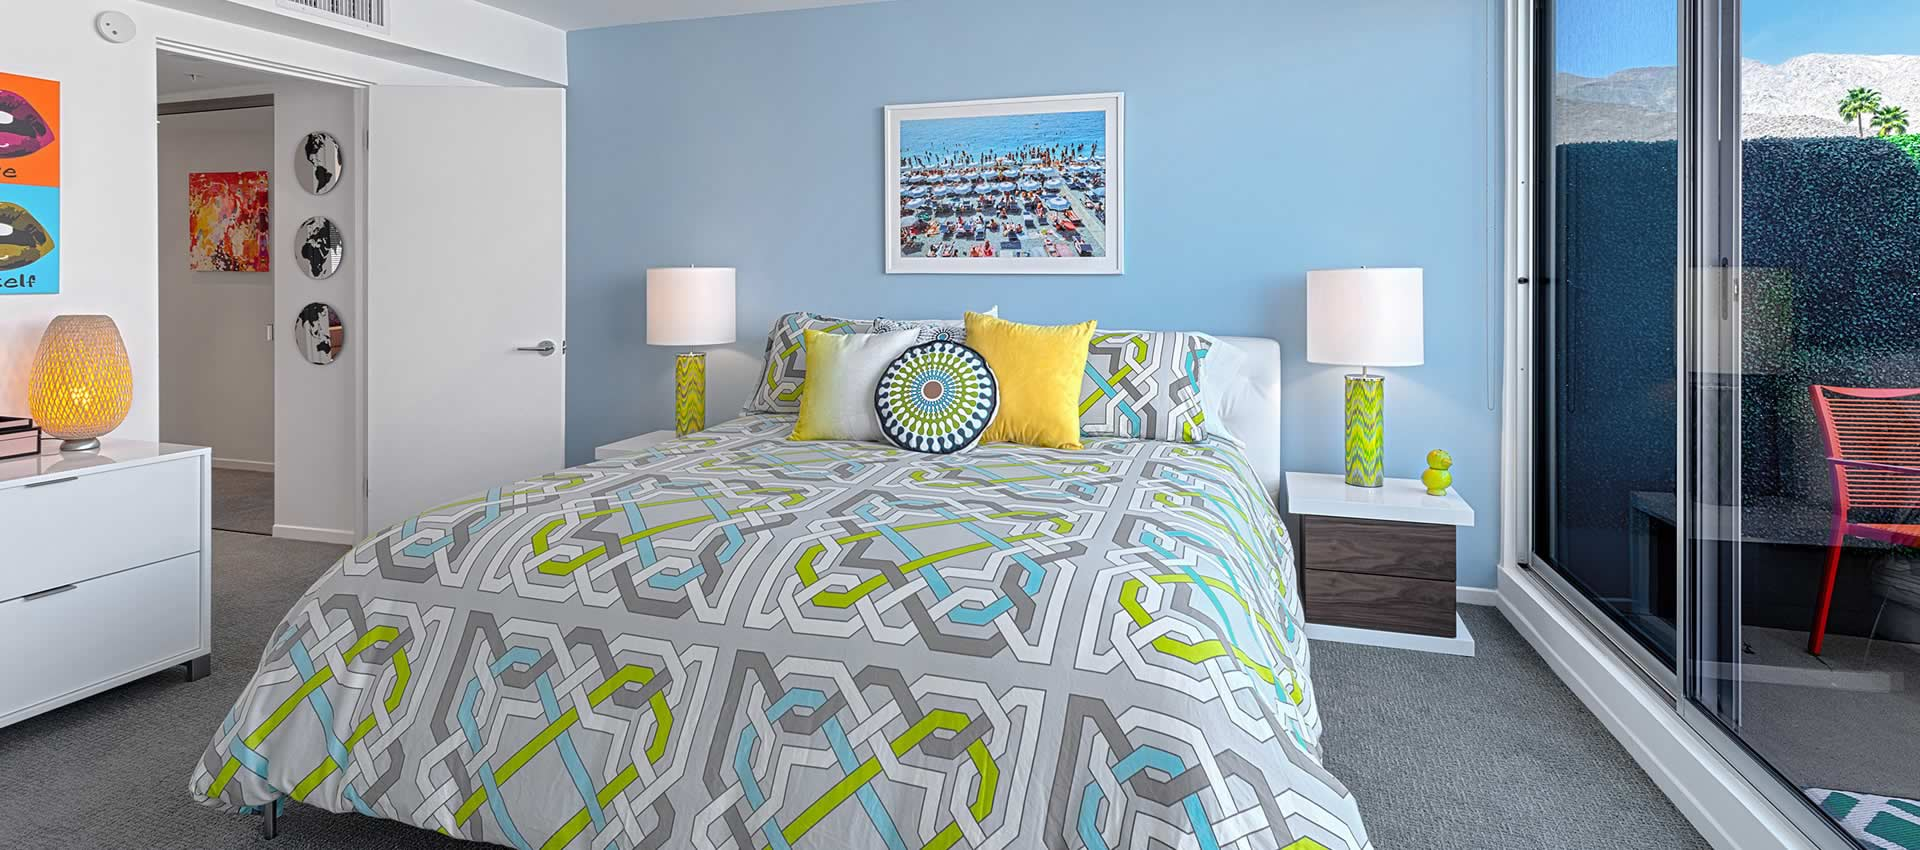 twist-hotel-room216-bedroom-02